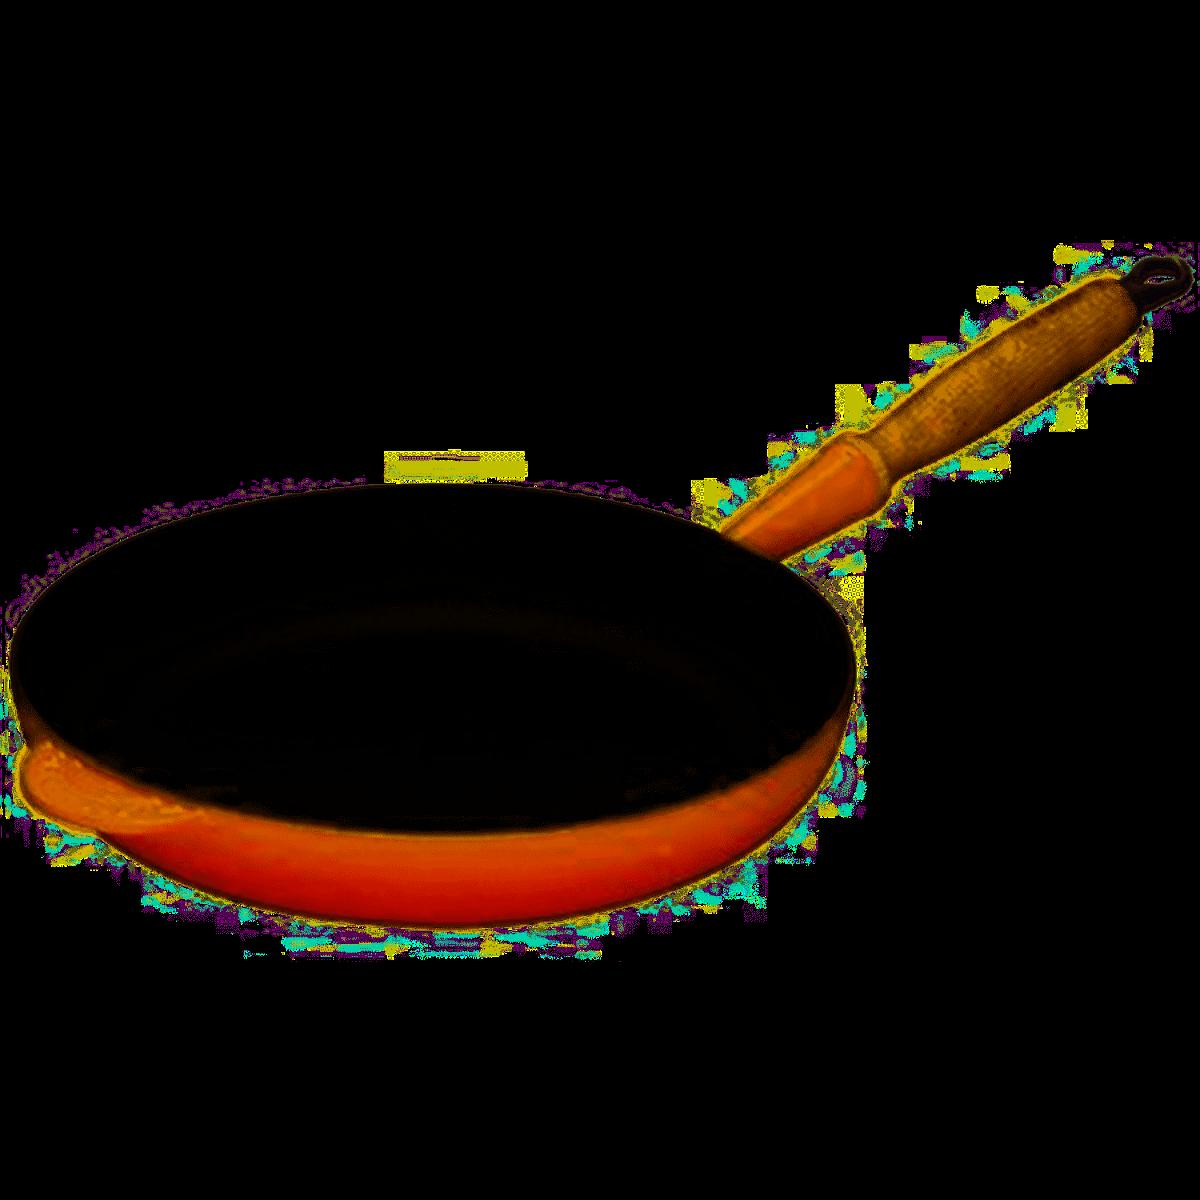 LE CREUSET - Gietijzer - Koekenpan 26cm Oranjerood